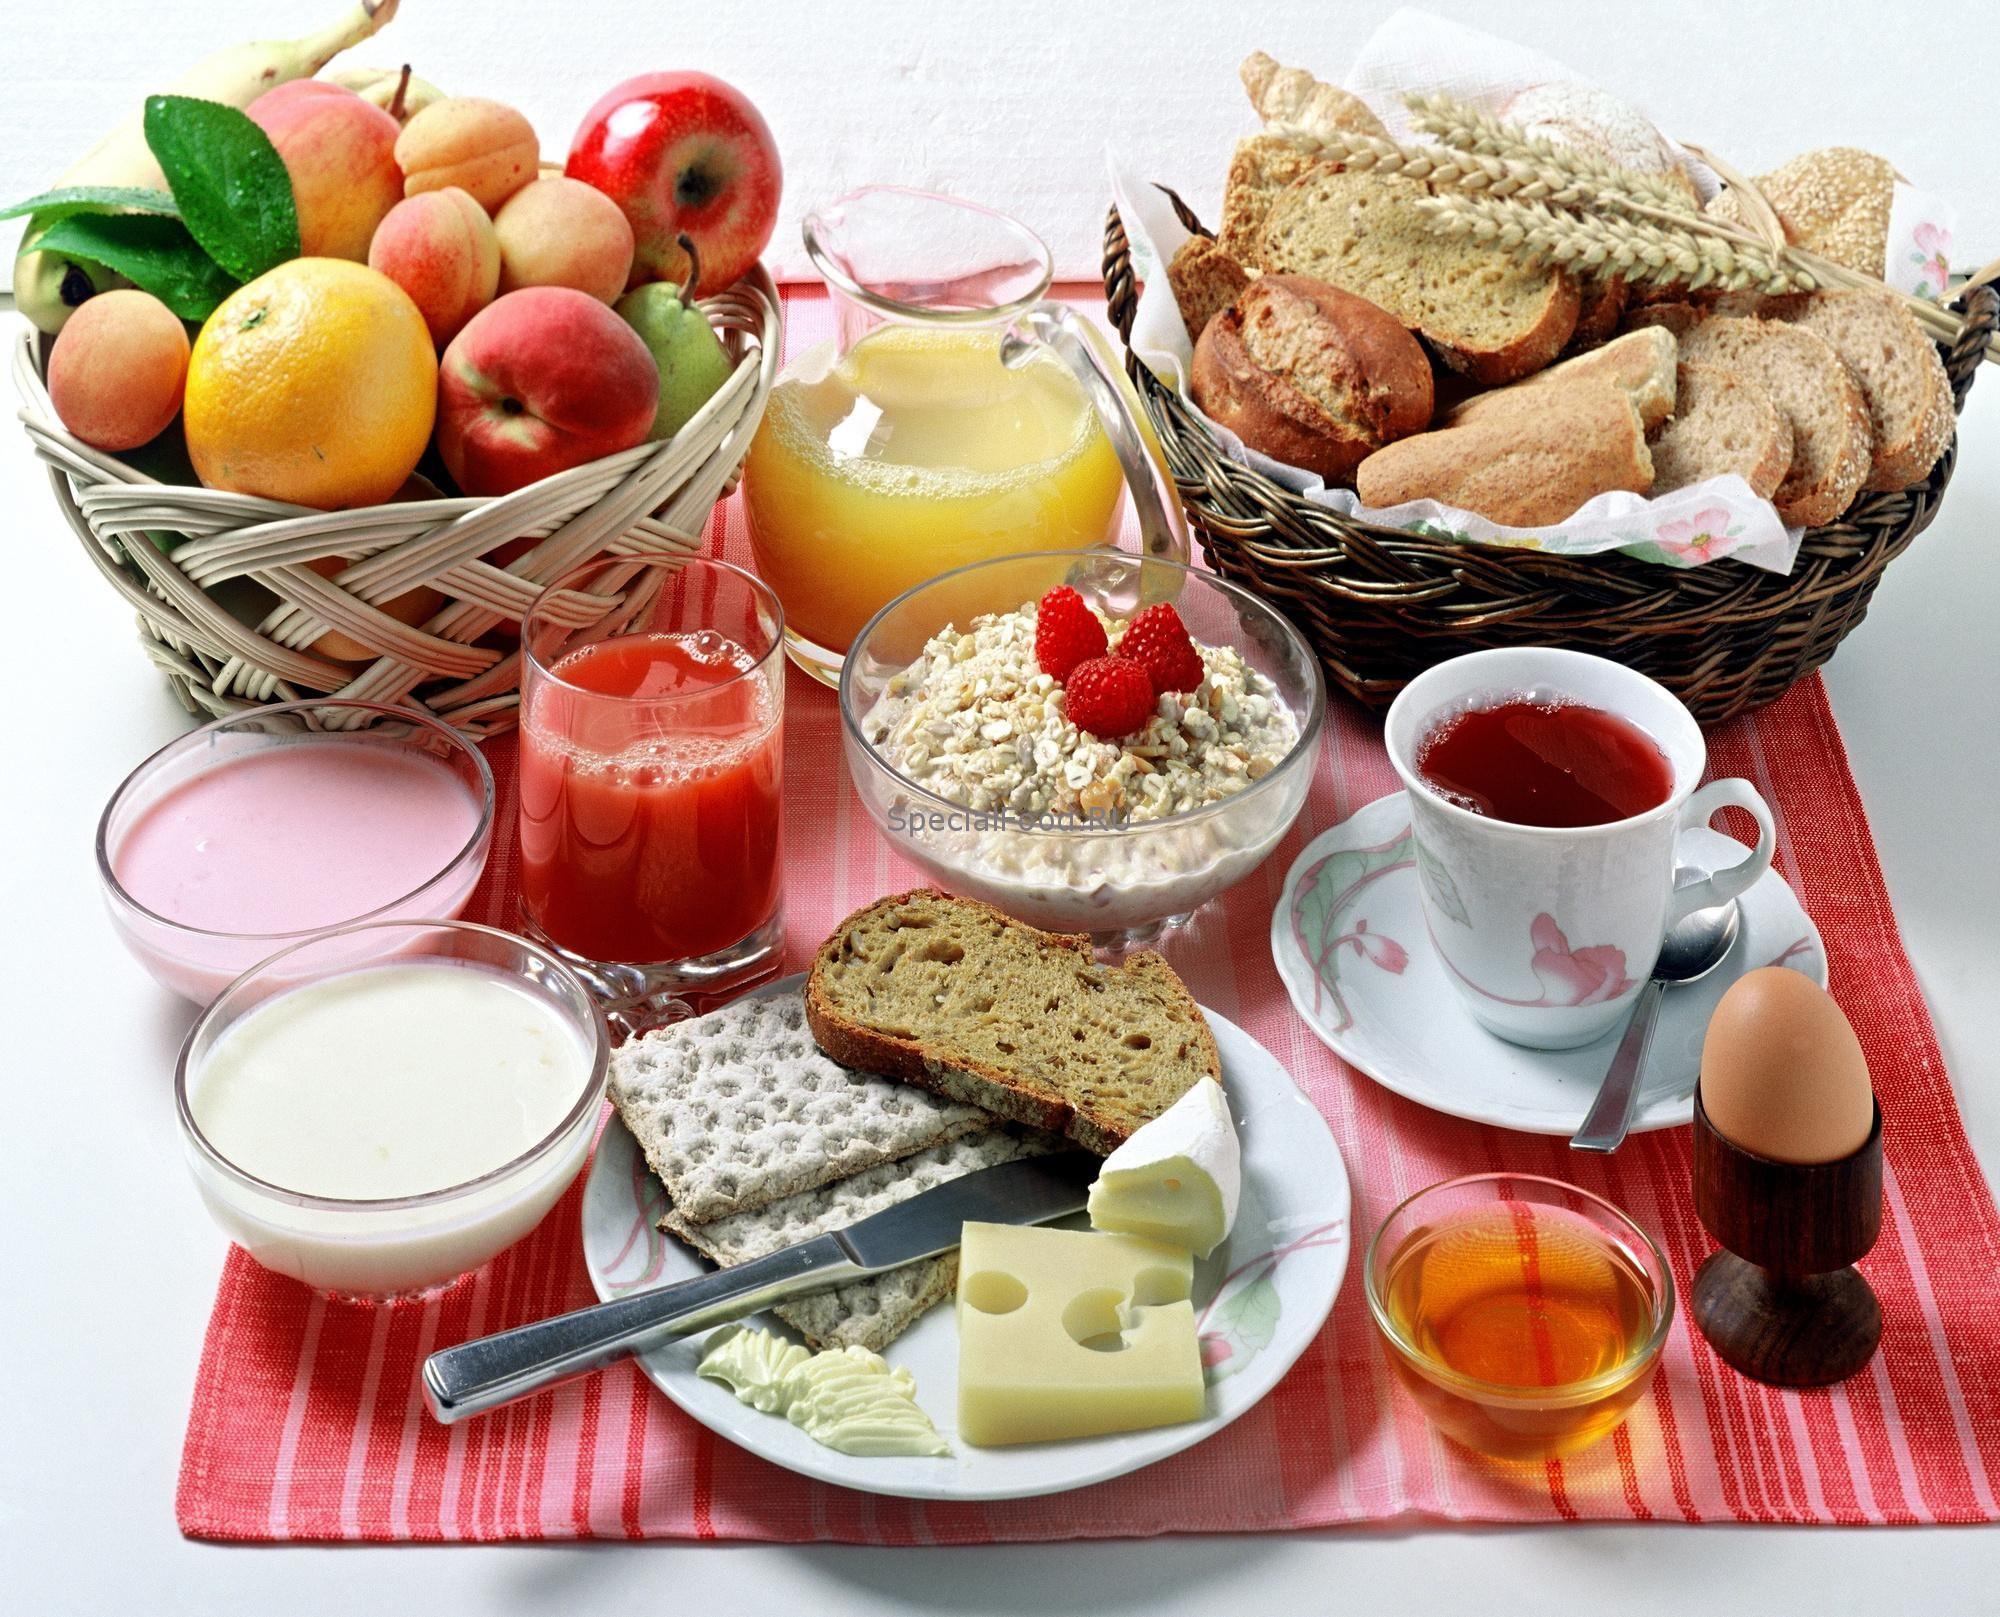 нельзя употреблять при повышенном холестерине